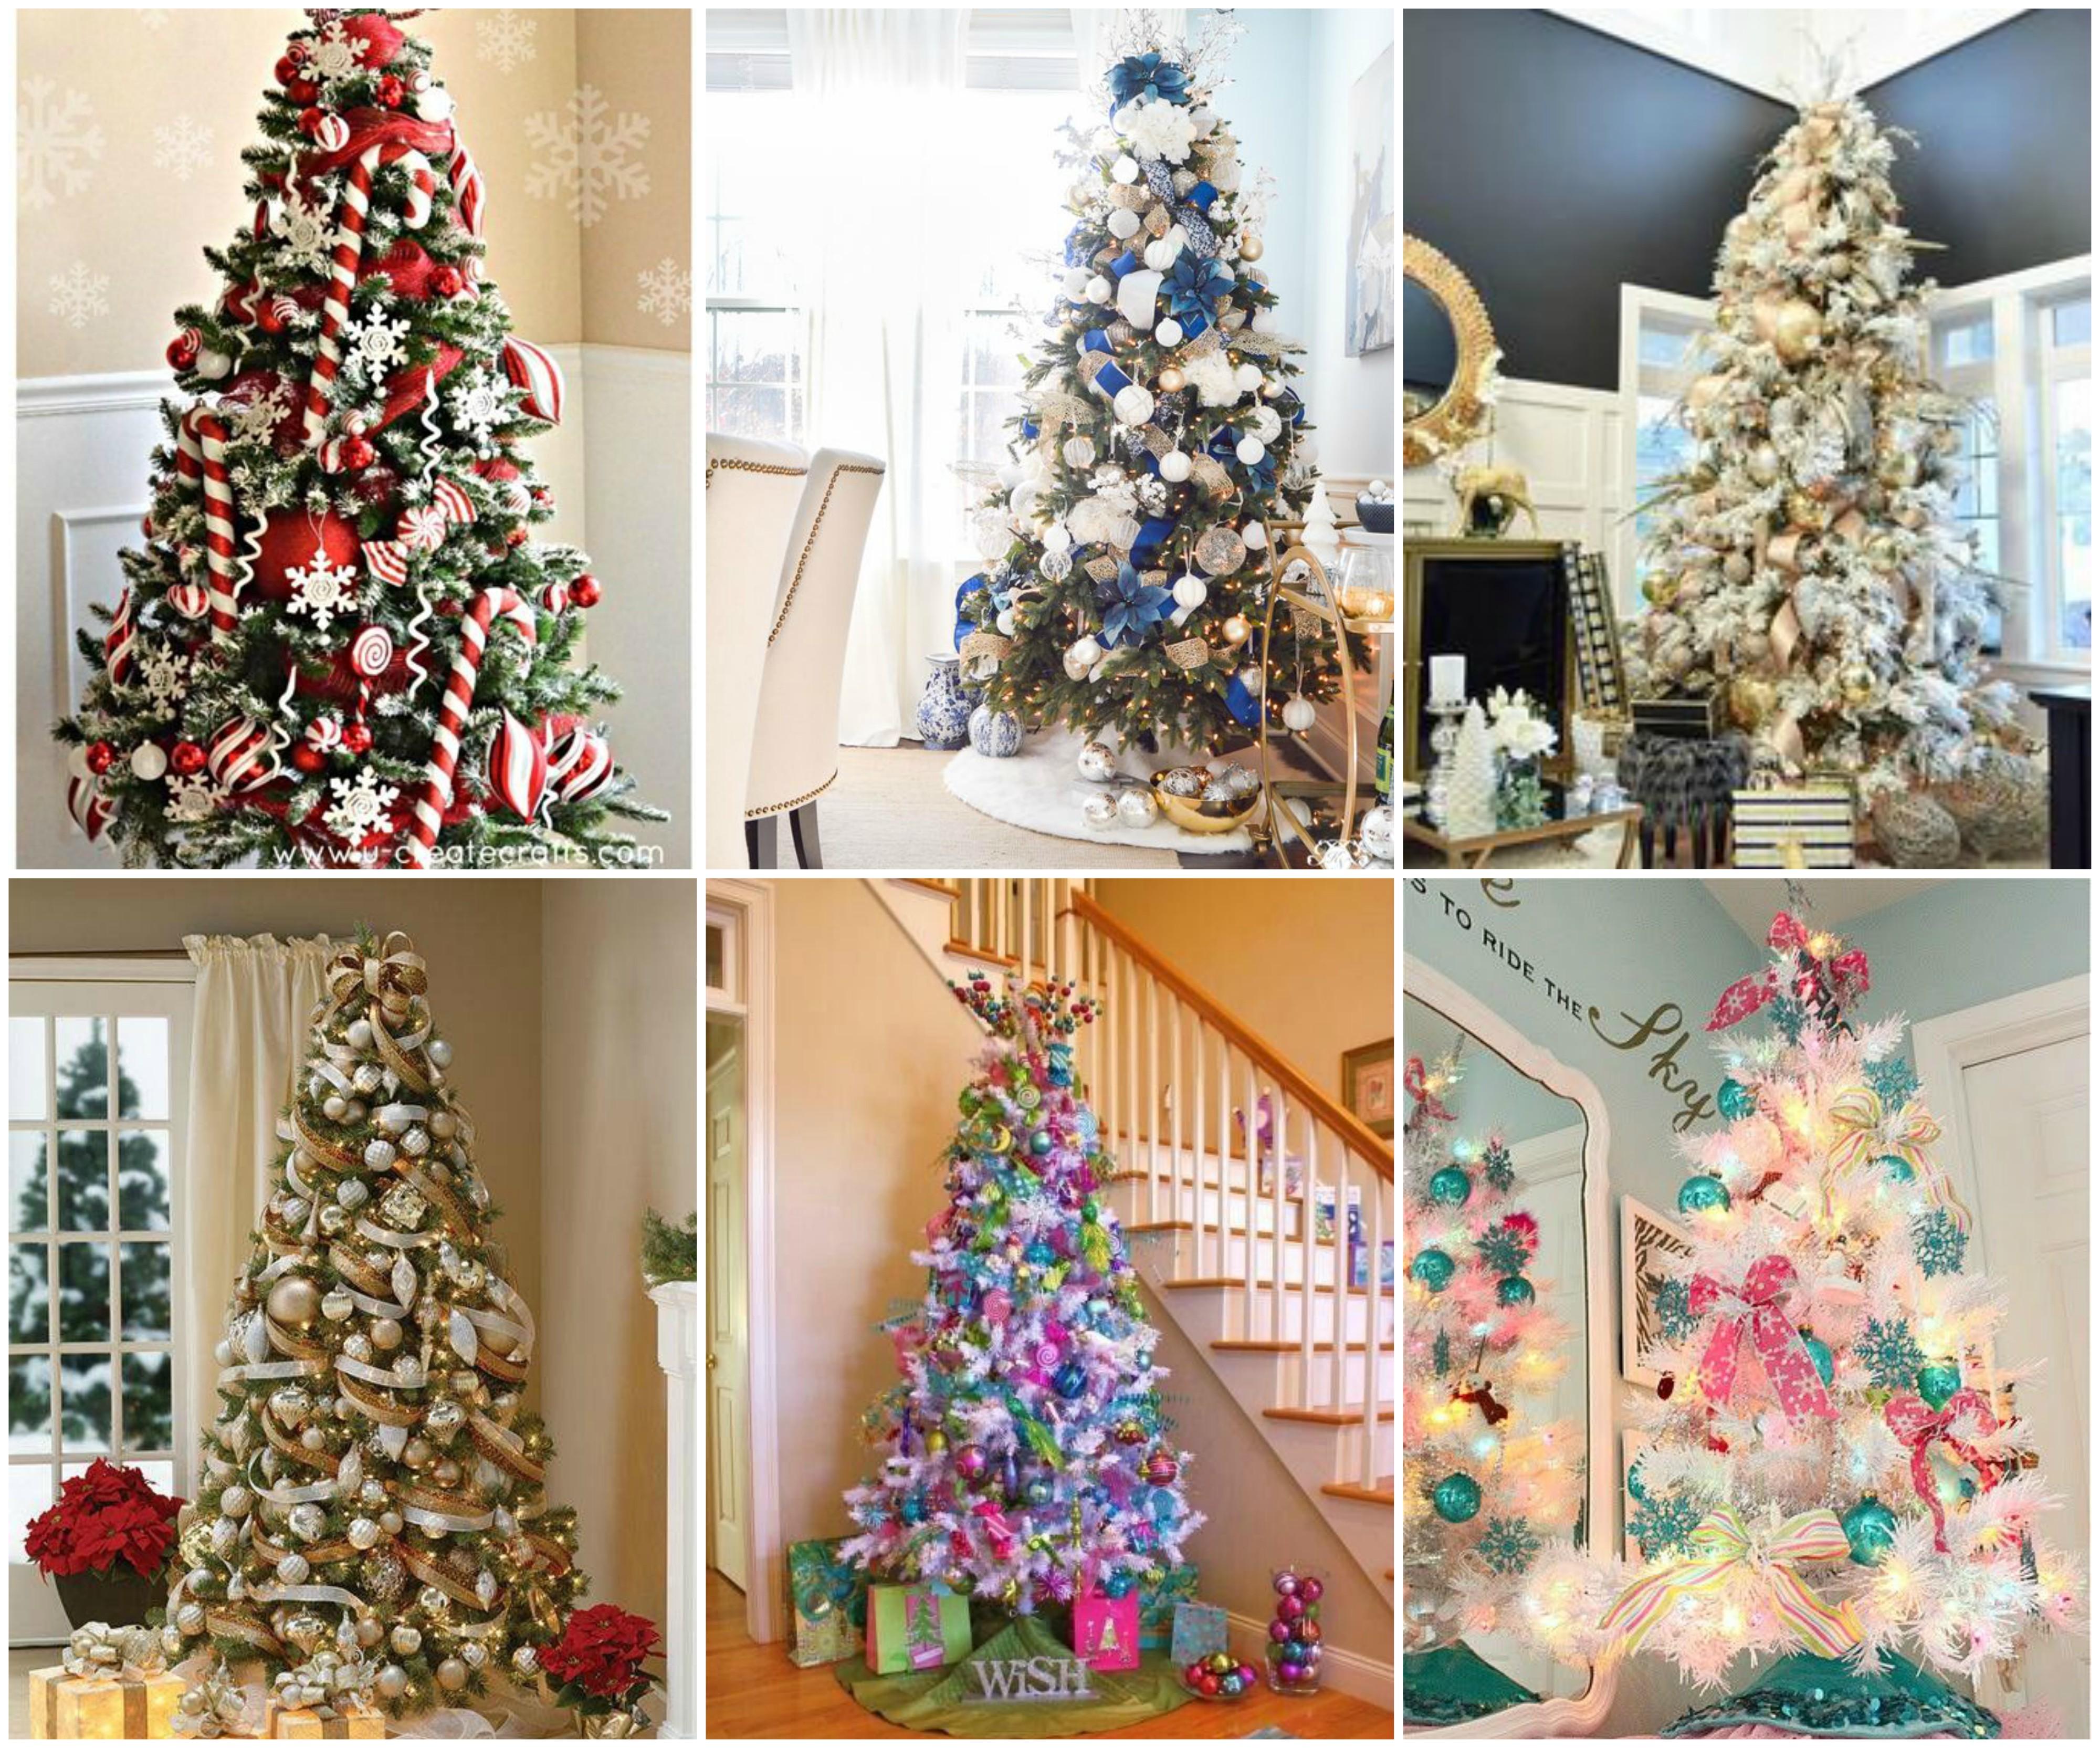 Weihnachtsbaum dekorieren 25 festliche ideen f r jeden geschmack - Weihnachtsbaum dekorieren ...